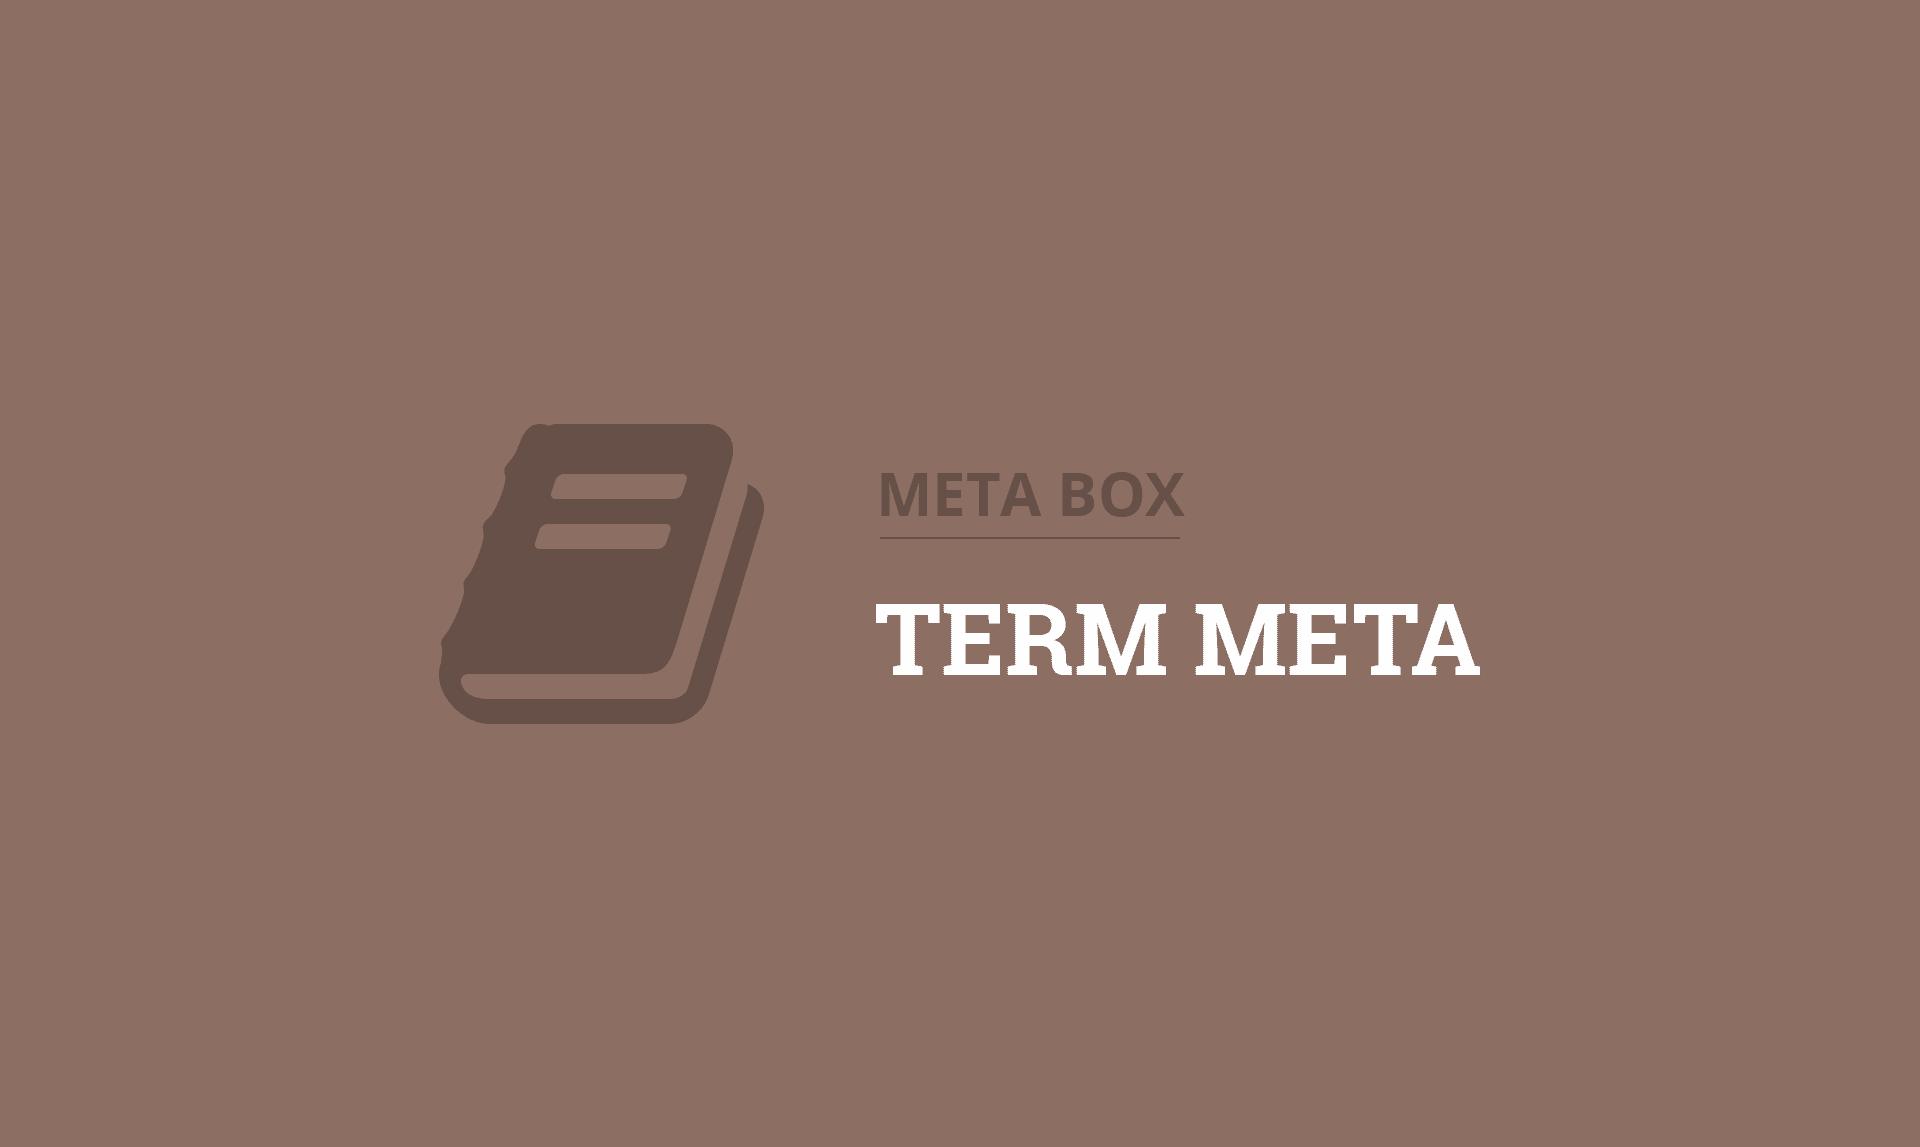 MB Term Meta